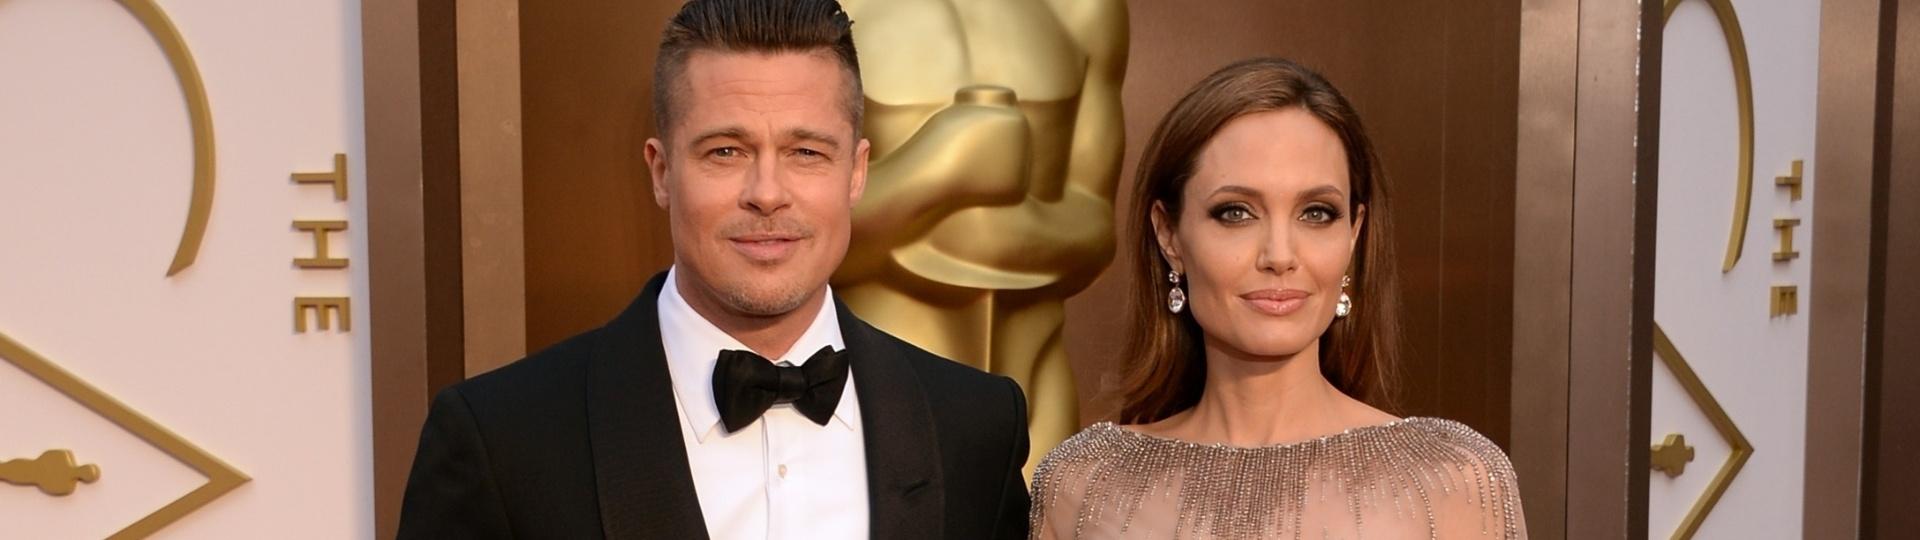 2.mar.2014 - O casal de atores Angelina Jolie e Brad Pitt chega ao Dolby Theatre para a 86 edição do Oscar